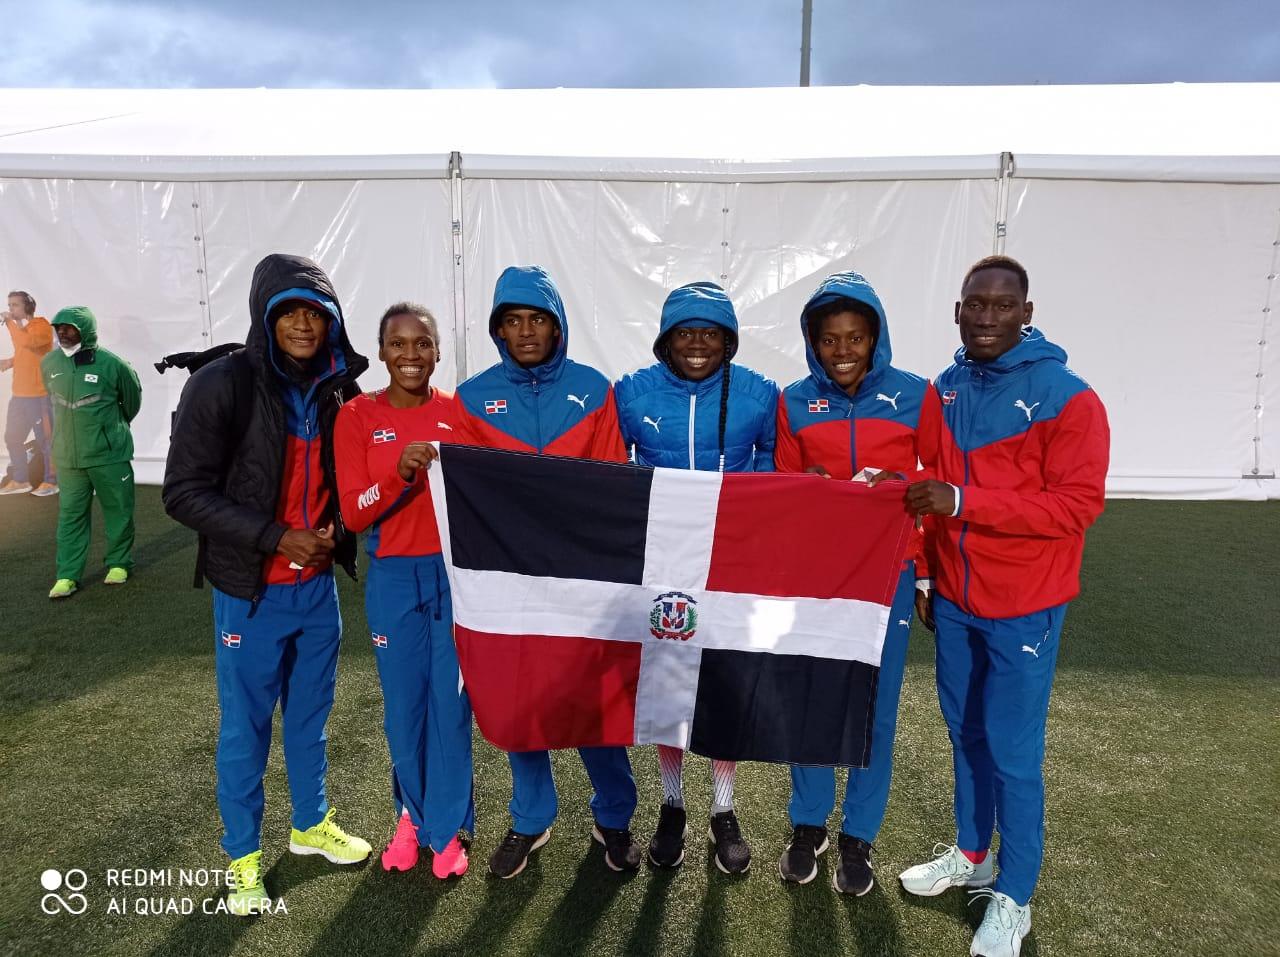 Relevo mixto atletismo 4X400 dominicano obtiene bronce en Mundial de Relevos